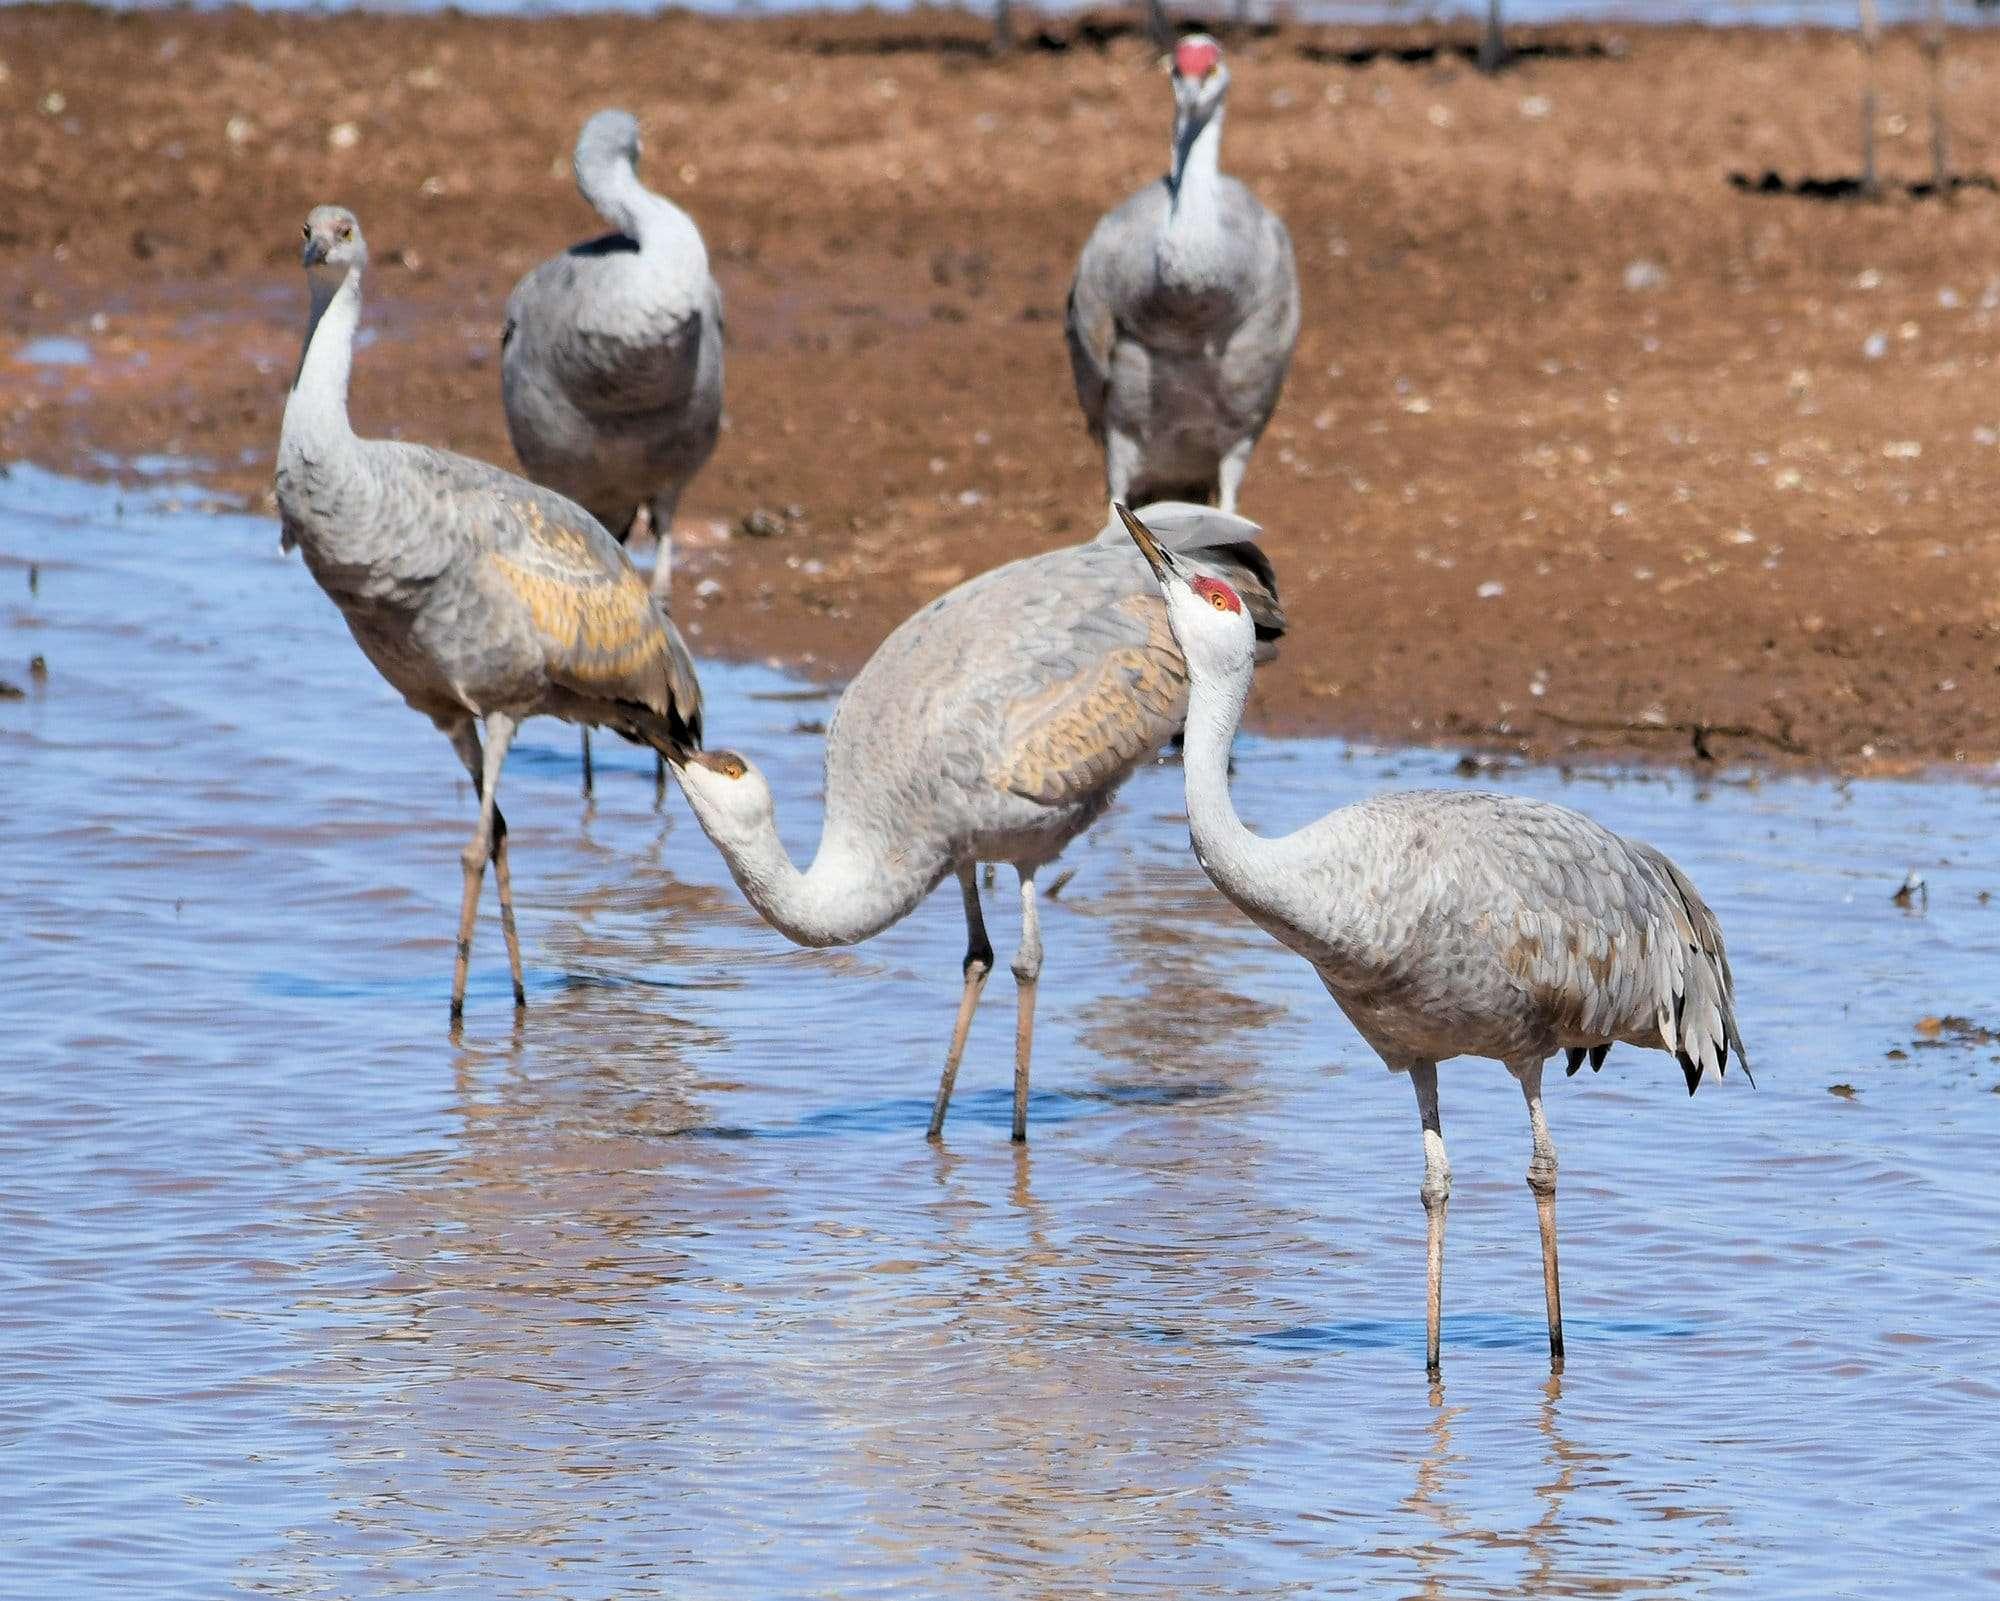 sandhill cranes drinking